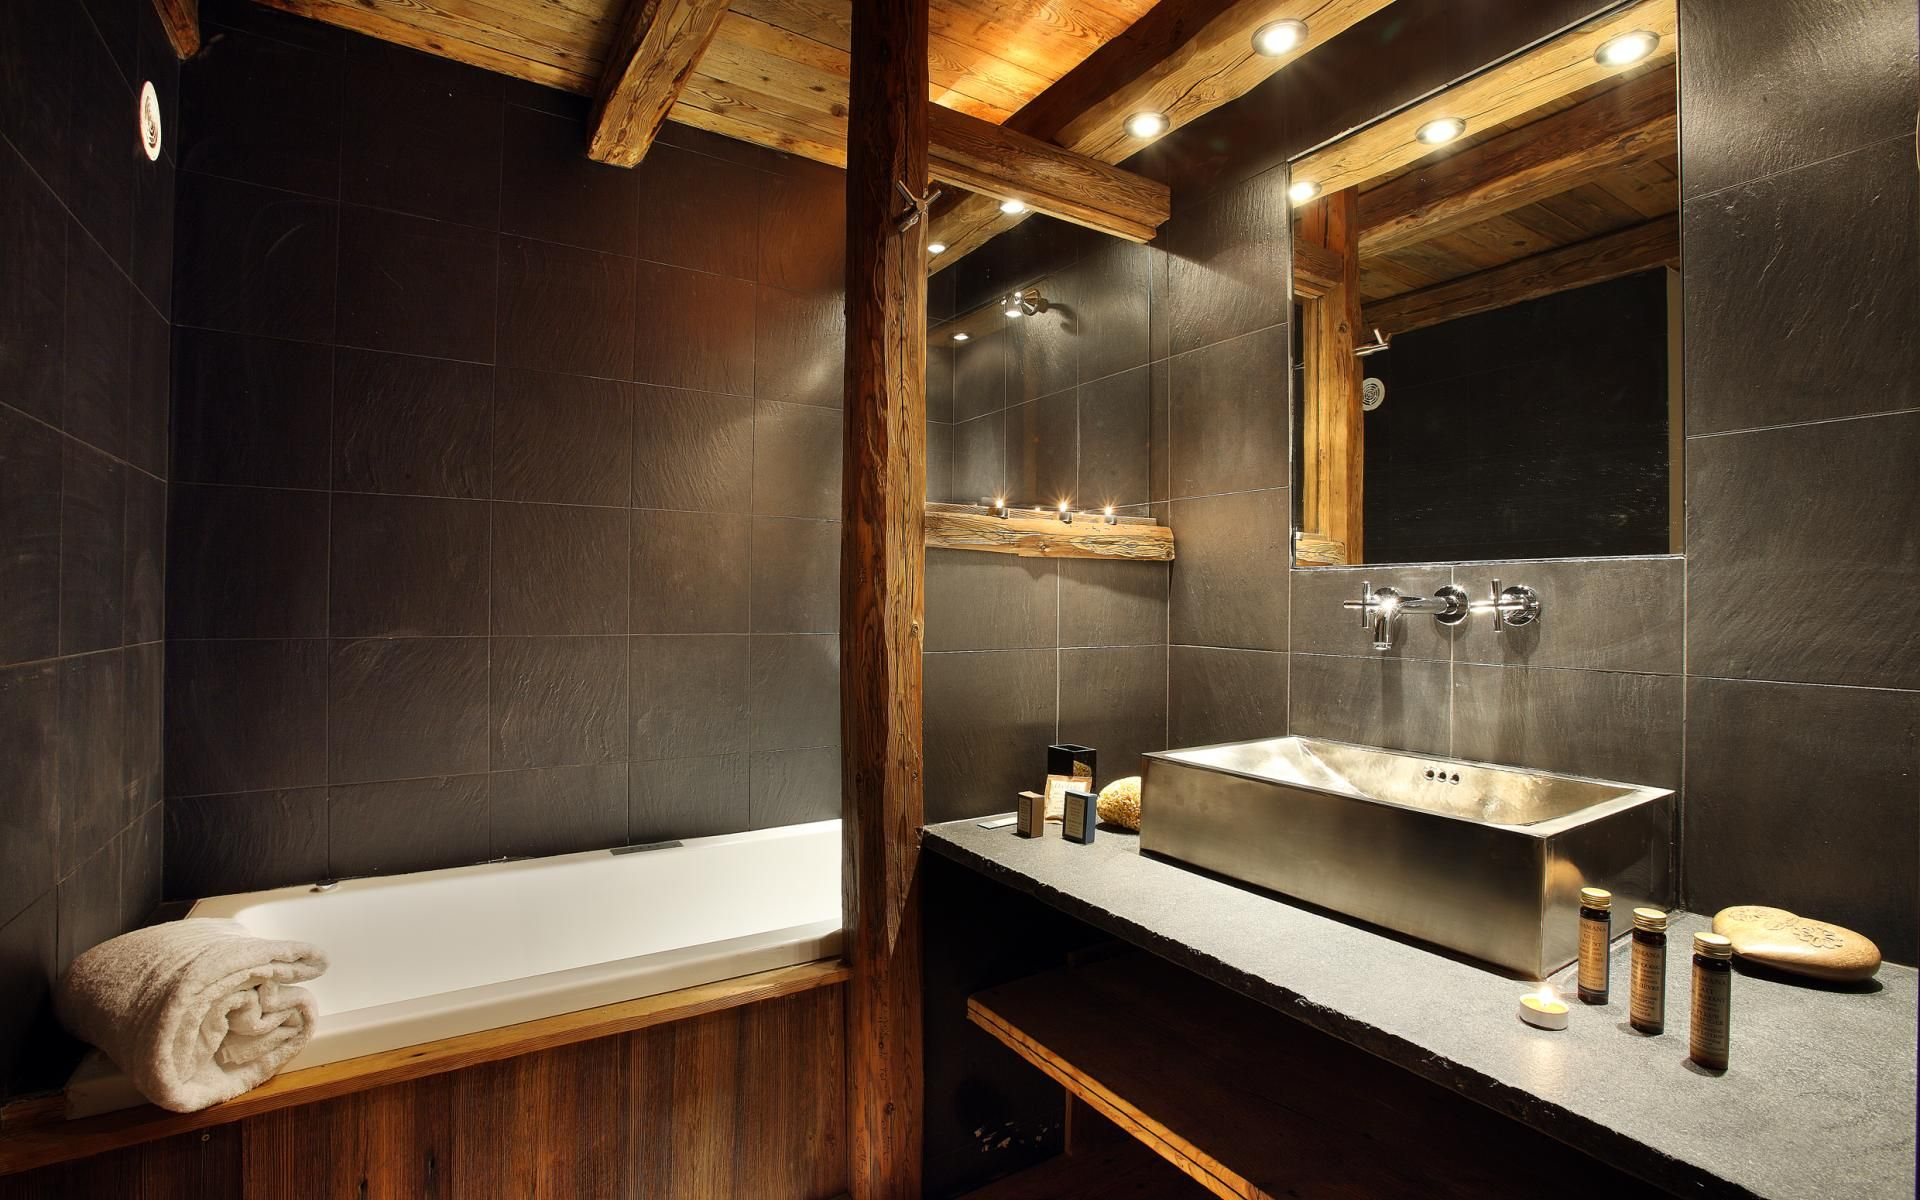 Bagno in pietra e legno. Idee Case Canuto | Idee per case, baite ...